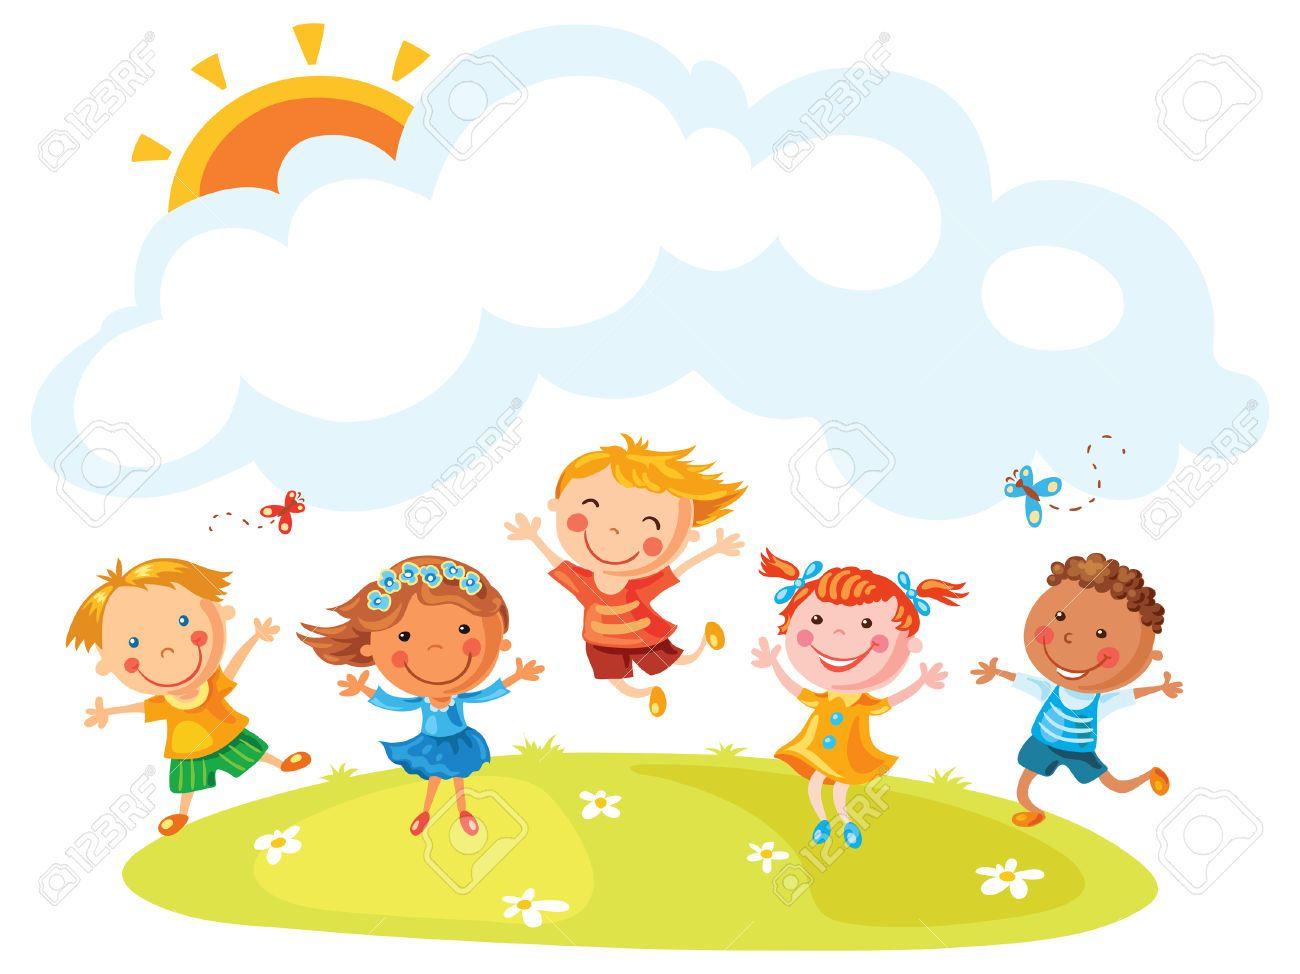 Felices Los Ninos De Dibujos Animados Saltando De Alegria En Una Colina Con Un Espacio De Copia No Degradados Happy Cartoon Cartoon Kids Clip Art School Kids